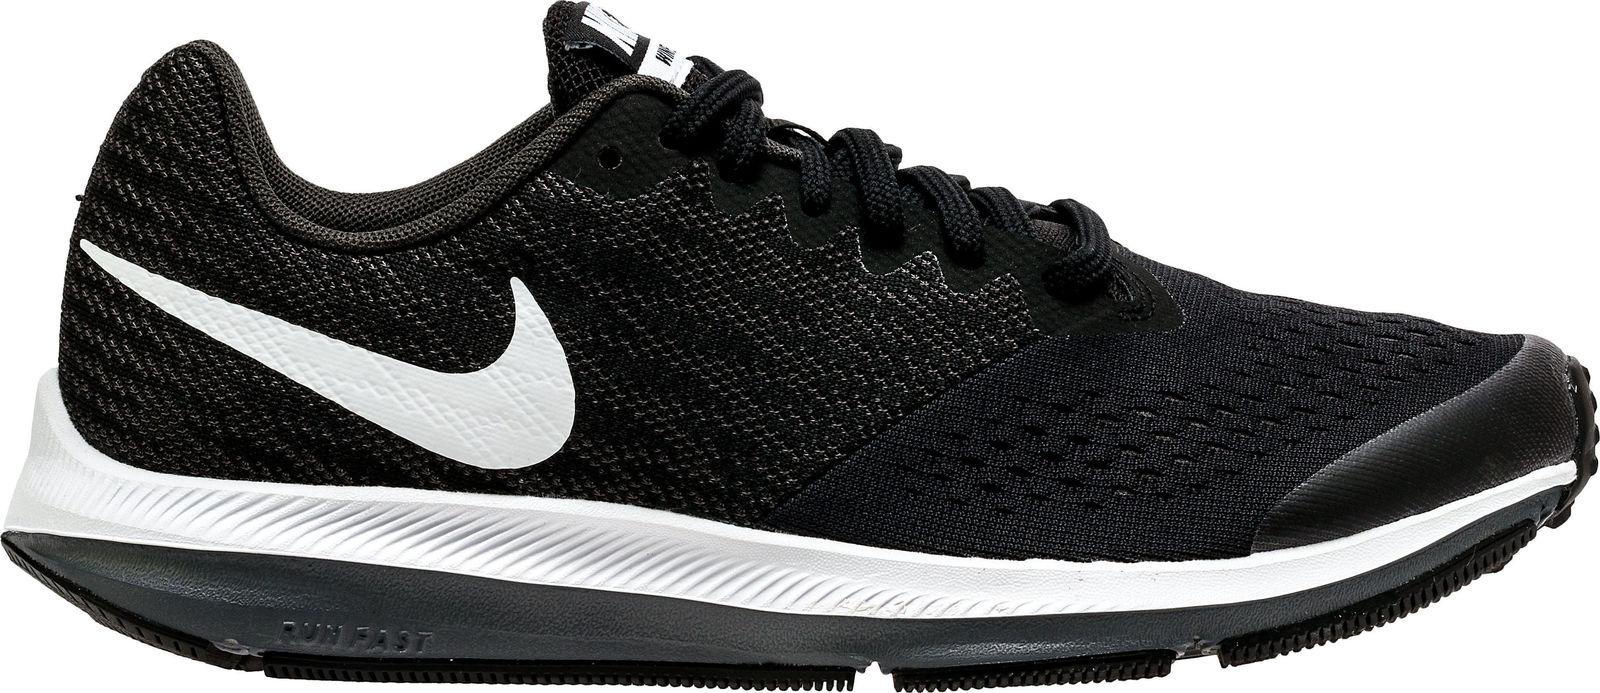 separation shoes d67bf bbc57 Προσθήκη στα αγαπημένα menu Nike Zoom Winflo 4 GS 881584-001